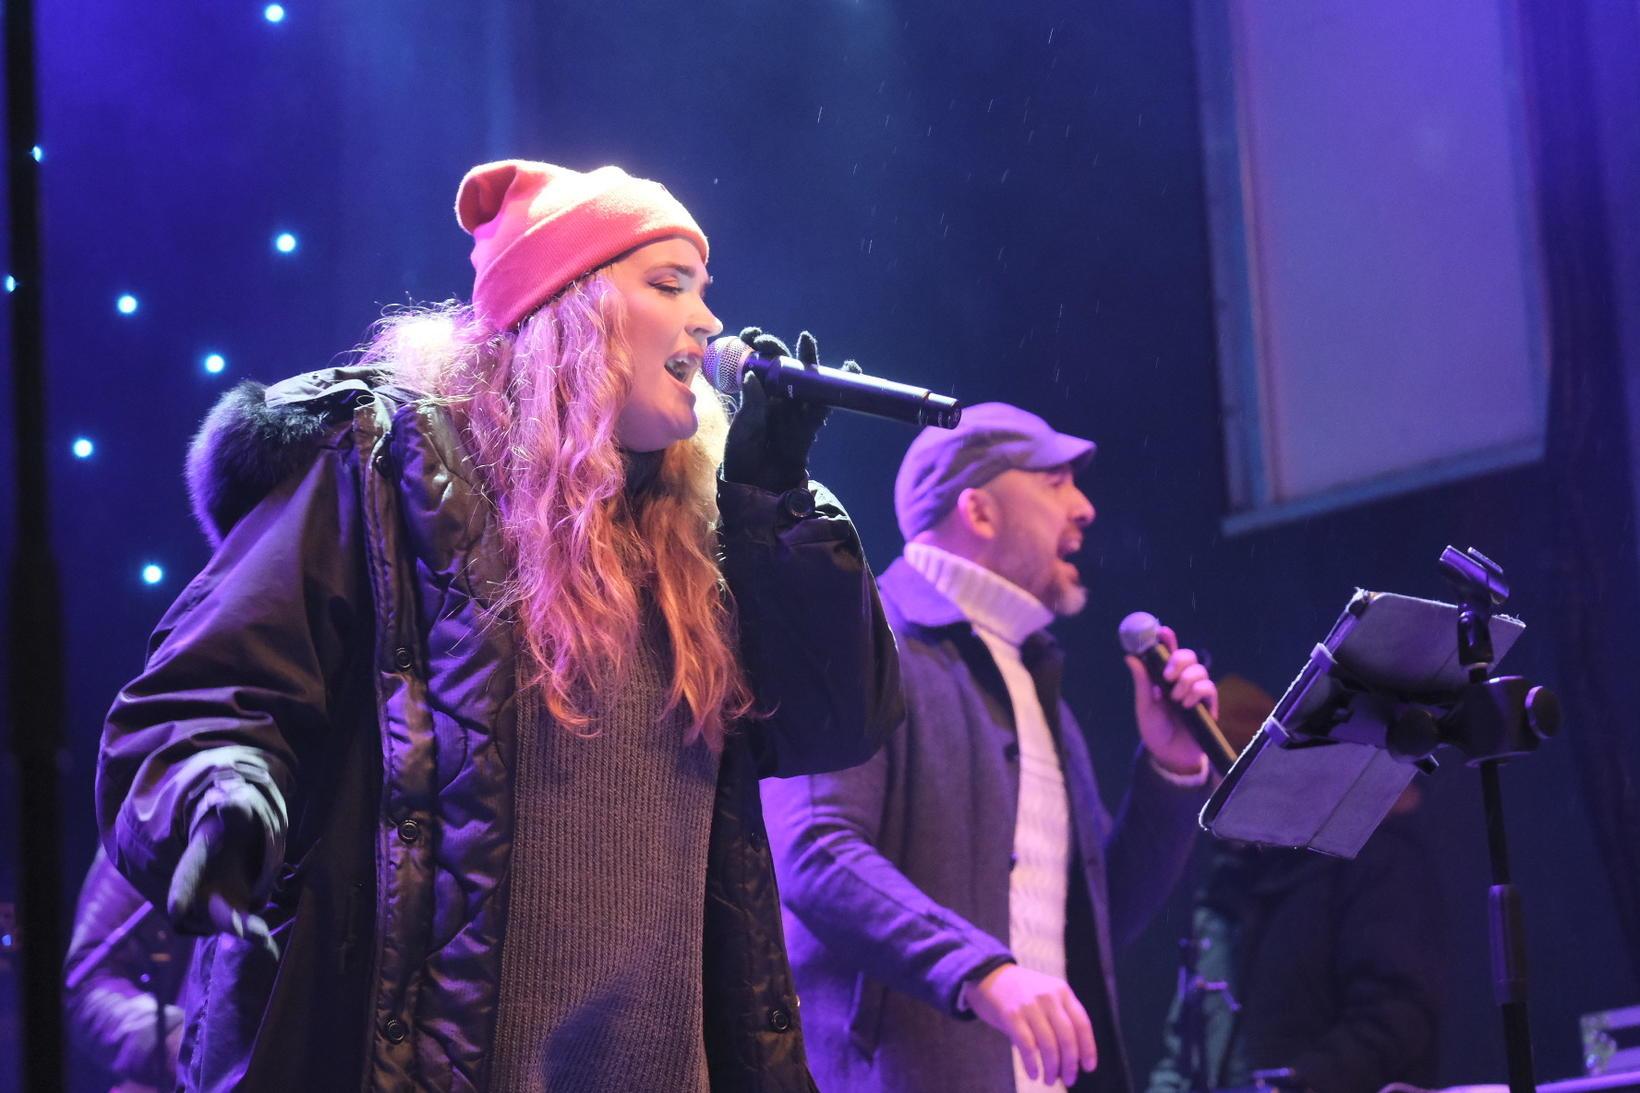 Elísabet Ormslev and Sverrir Bergmann performed.